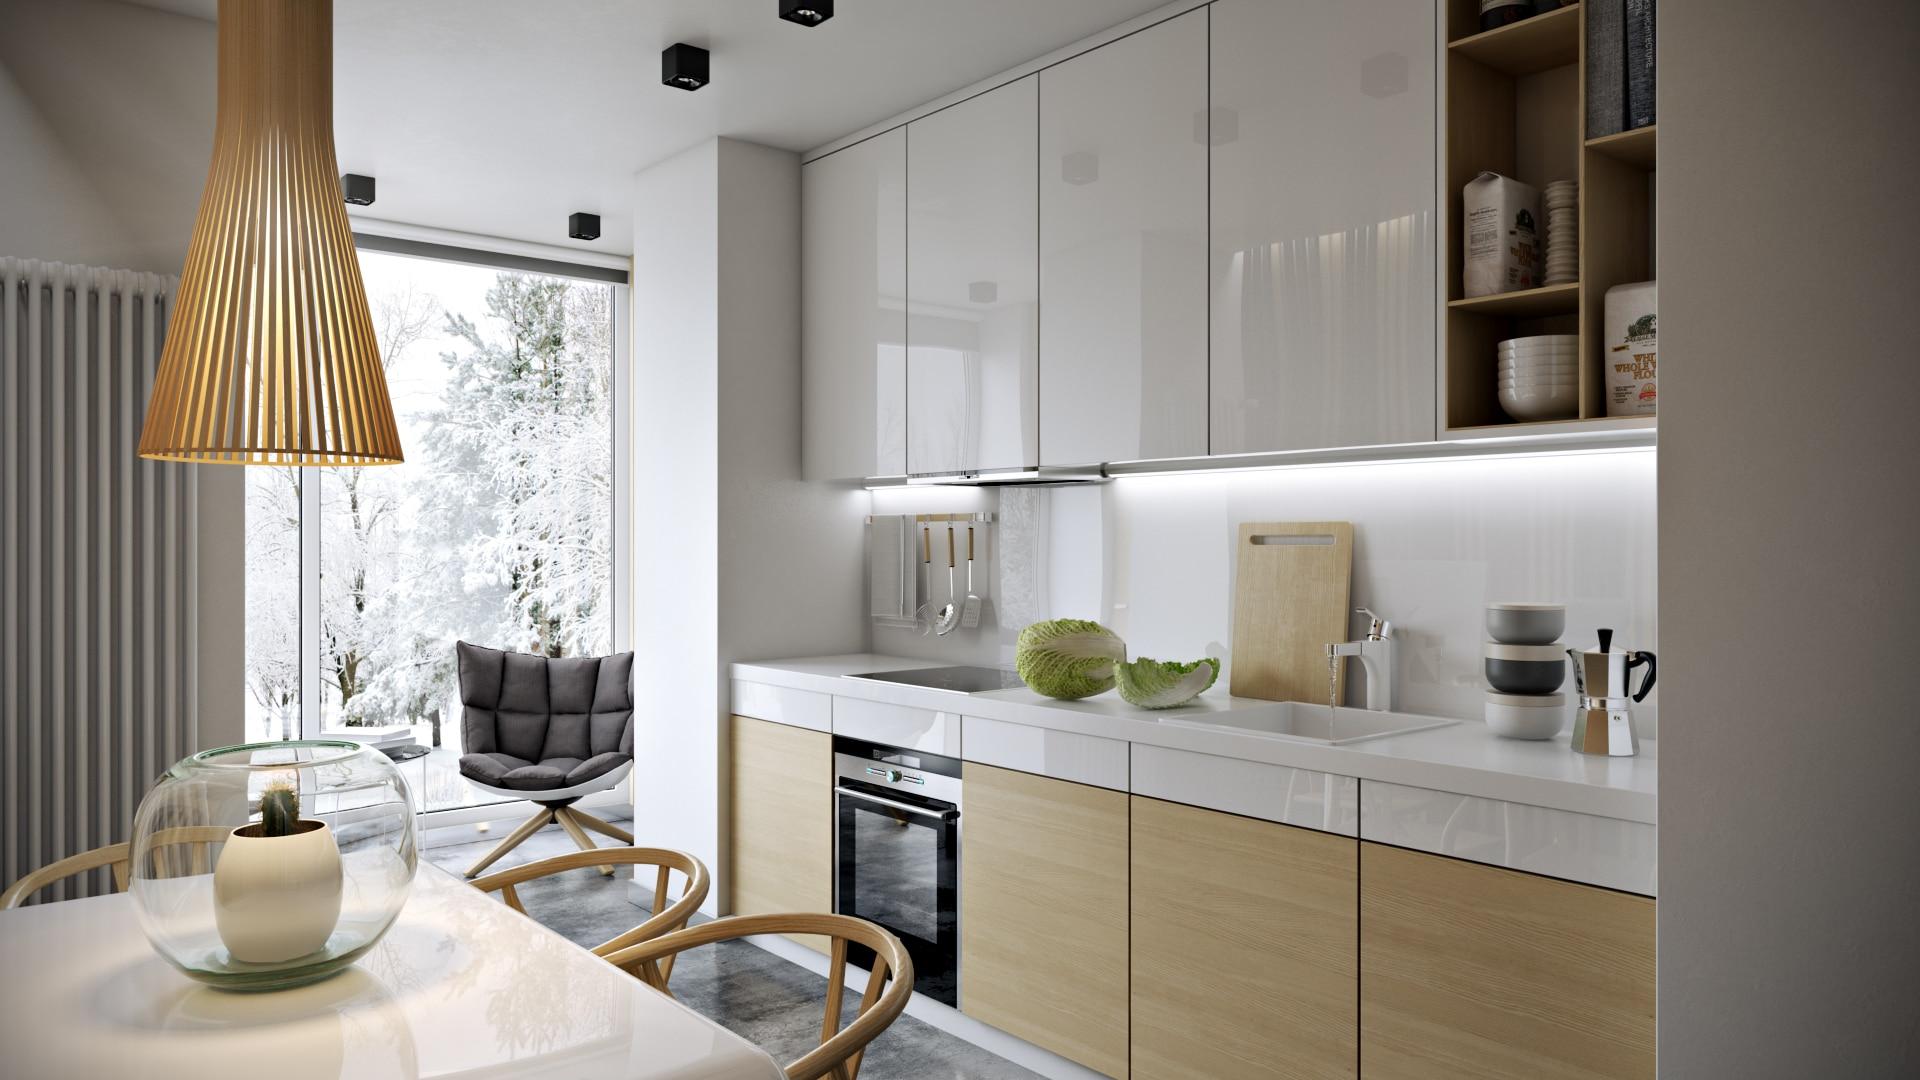 Прямой кухонный гарнитур в современном дизайне